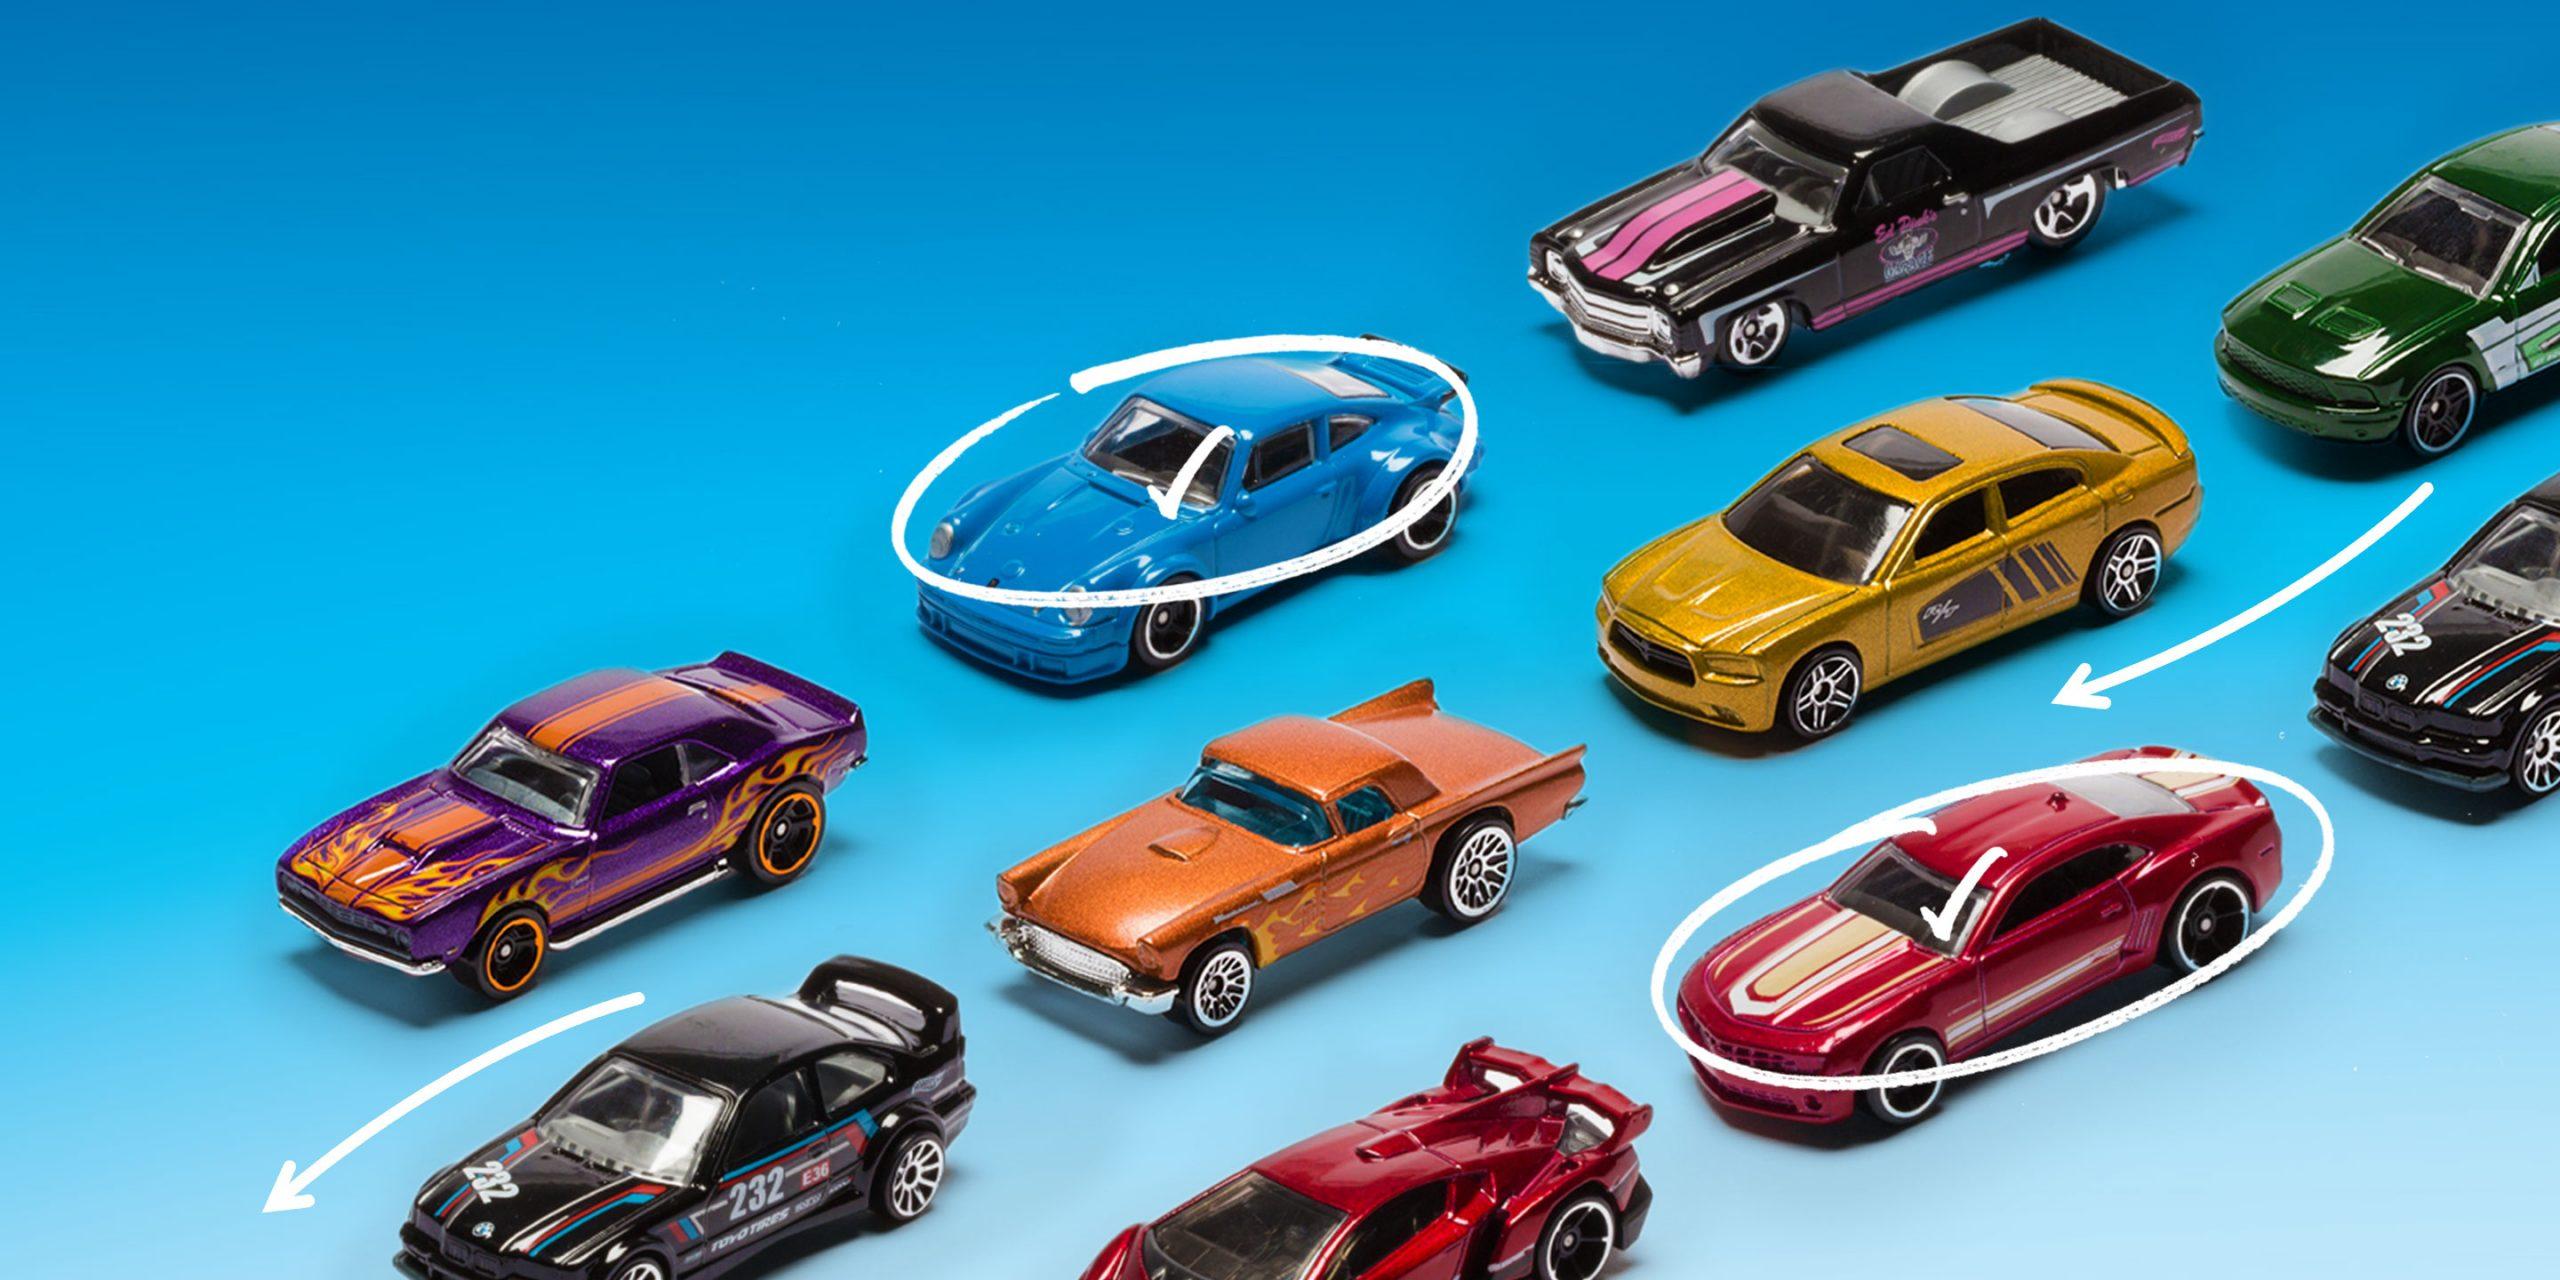 Jeux De Course Et De Voiture - Jeux Pour Enfants   Hot Wheels pour Jeux De Course De Voiture Pour Enfan